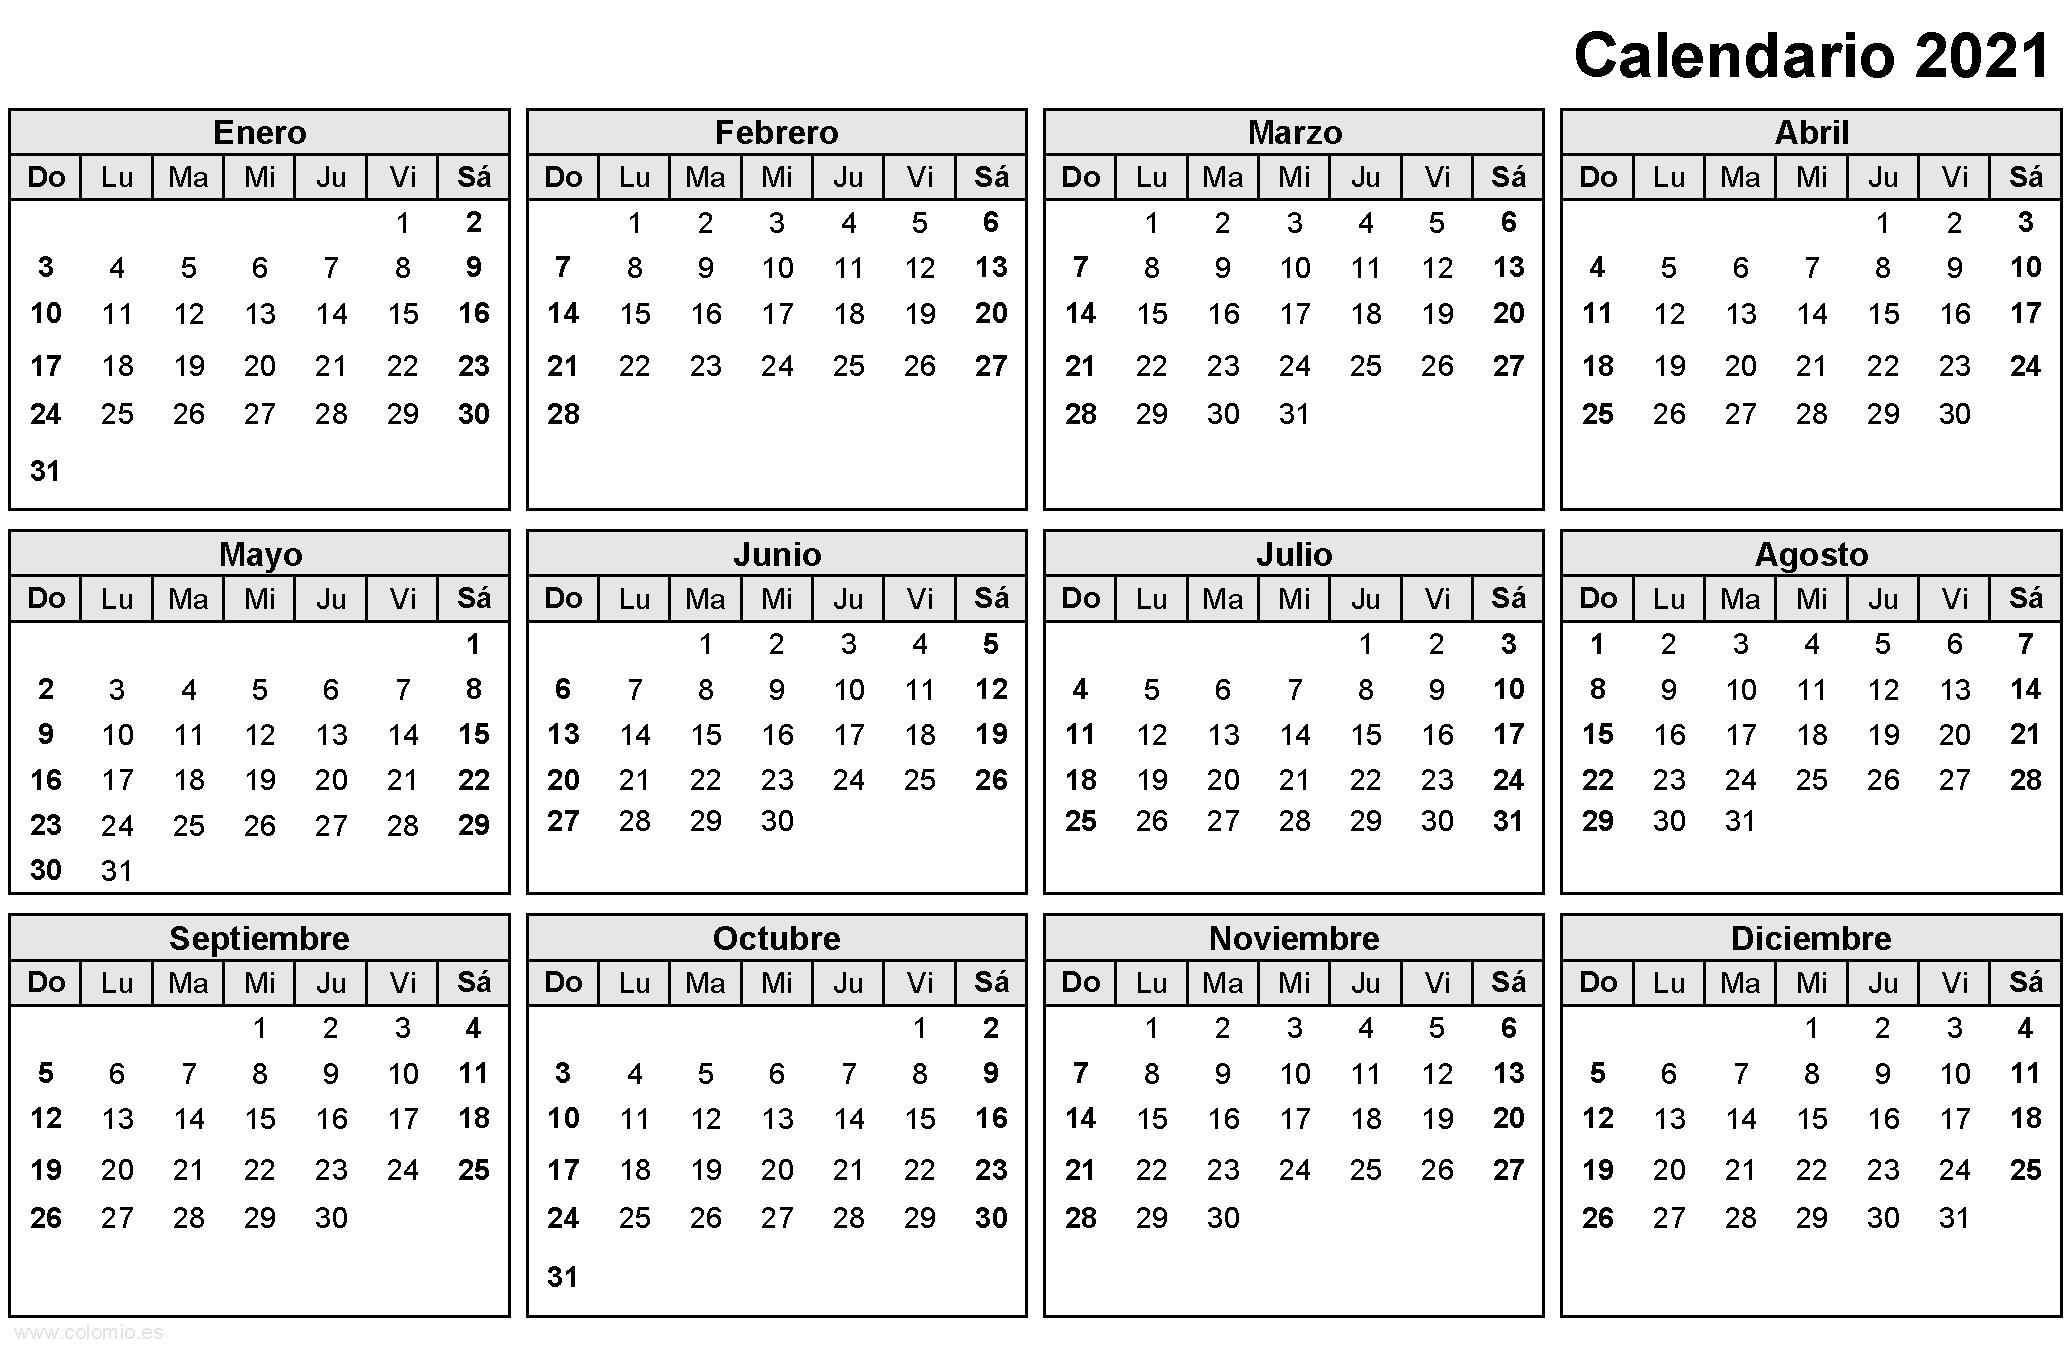 Calendario 2021 para imprimir